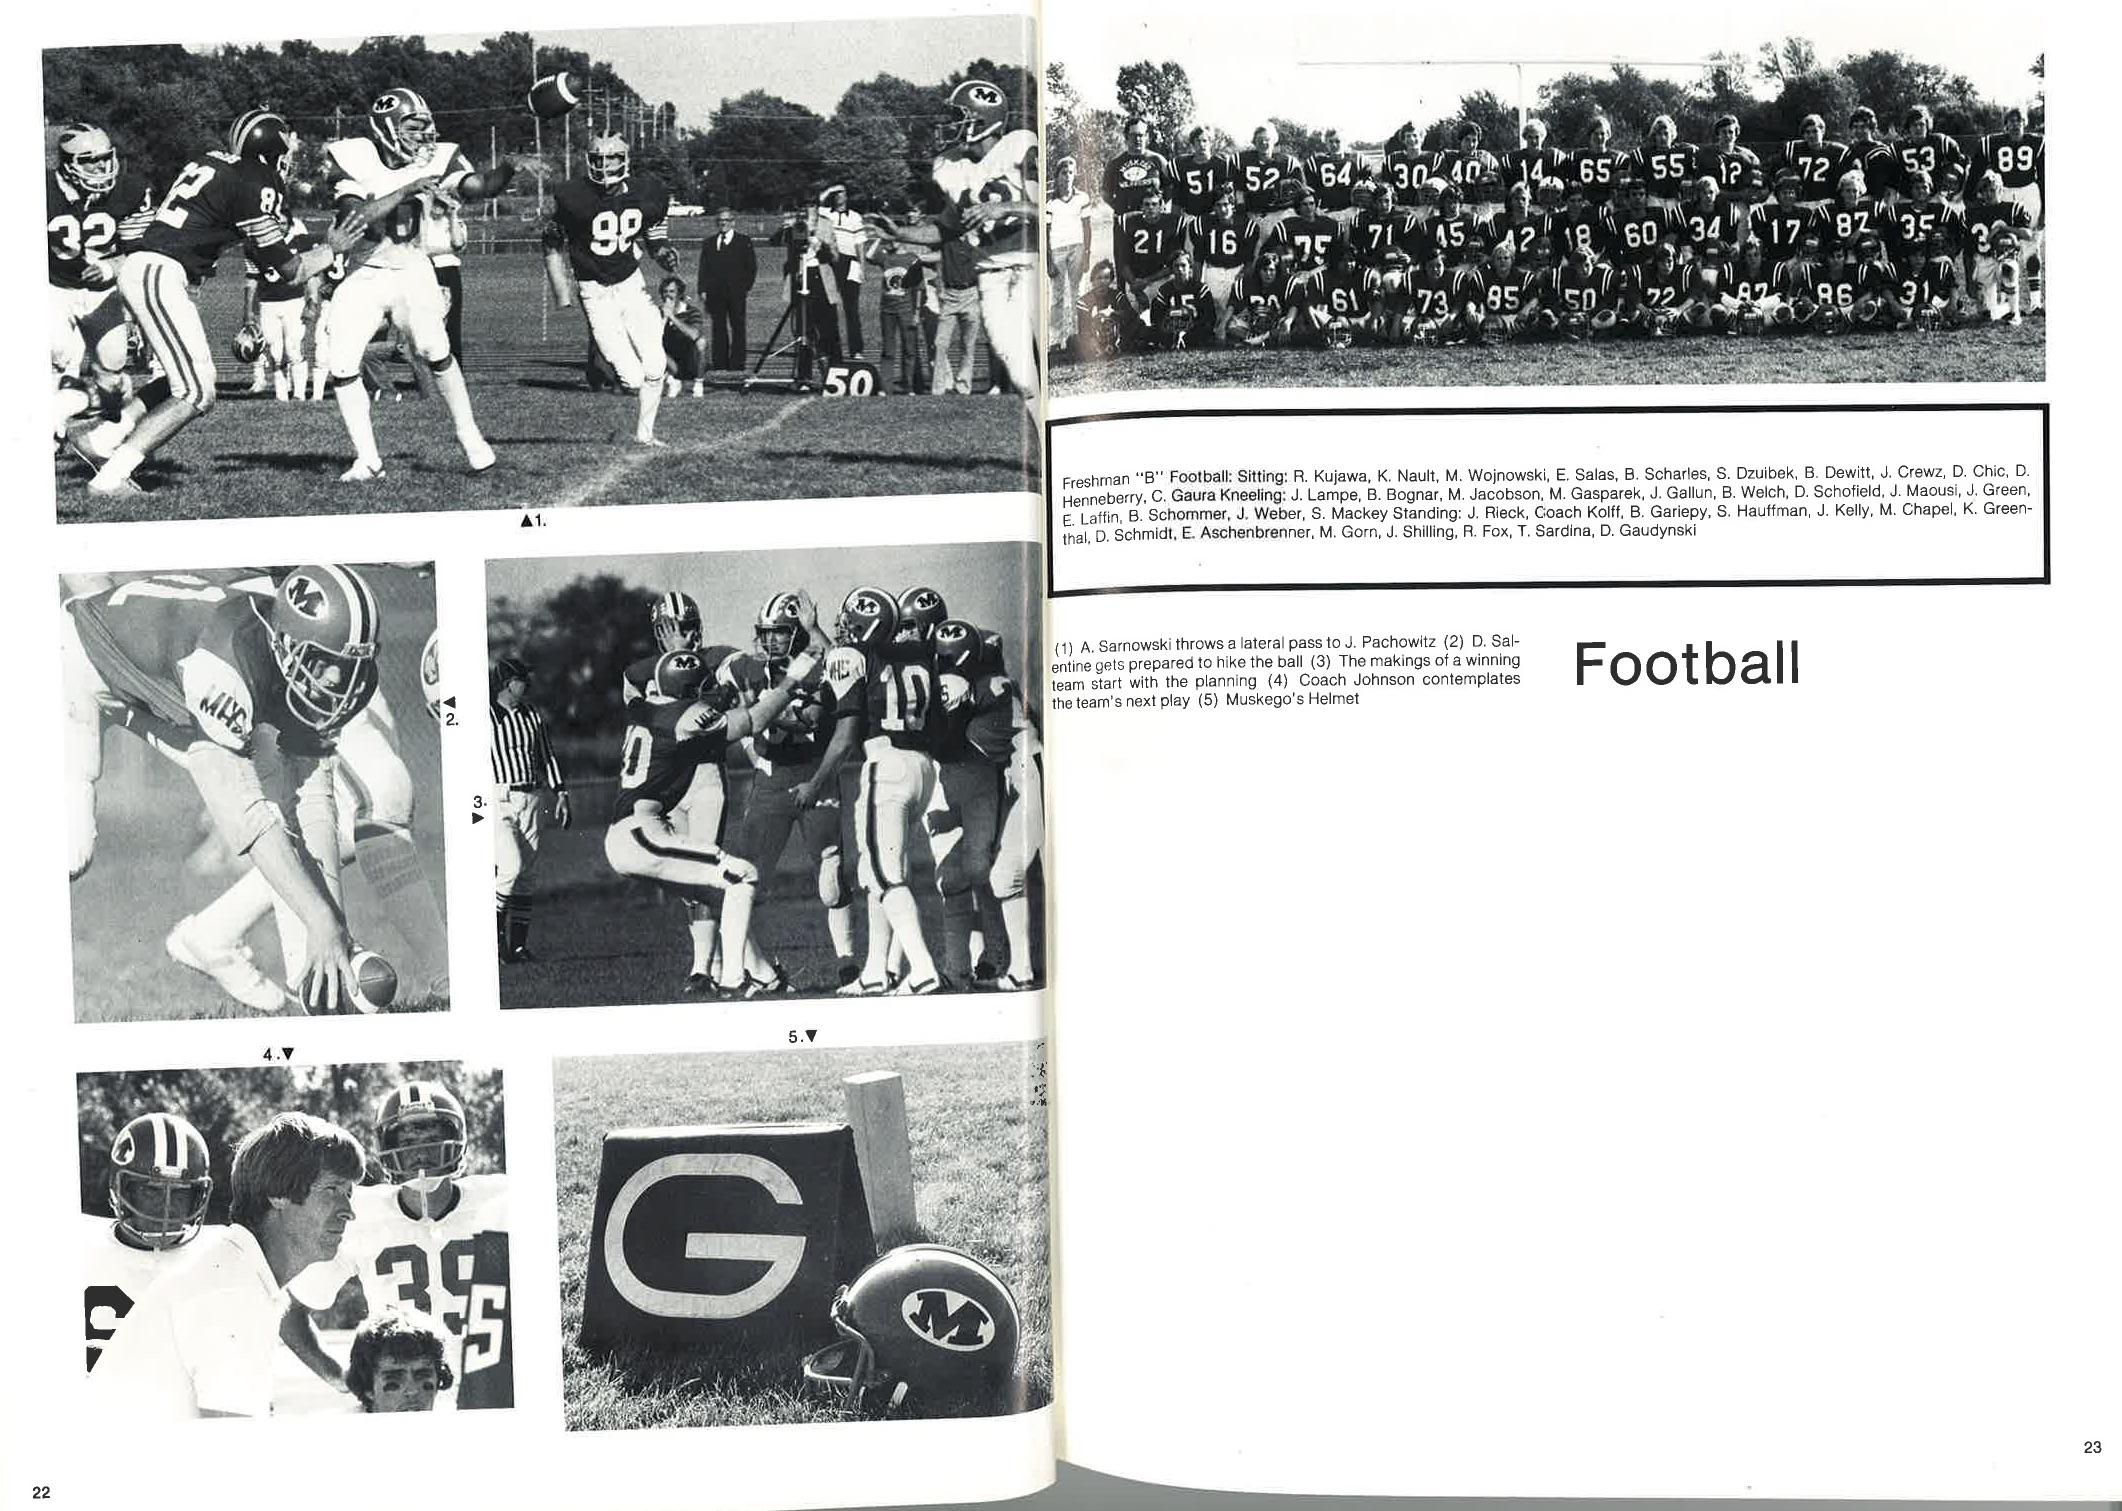 1981_Yearbook_22.jpg